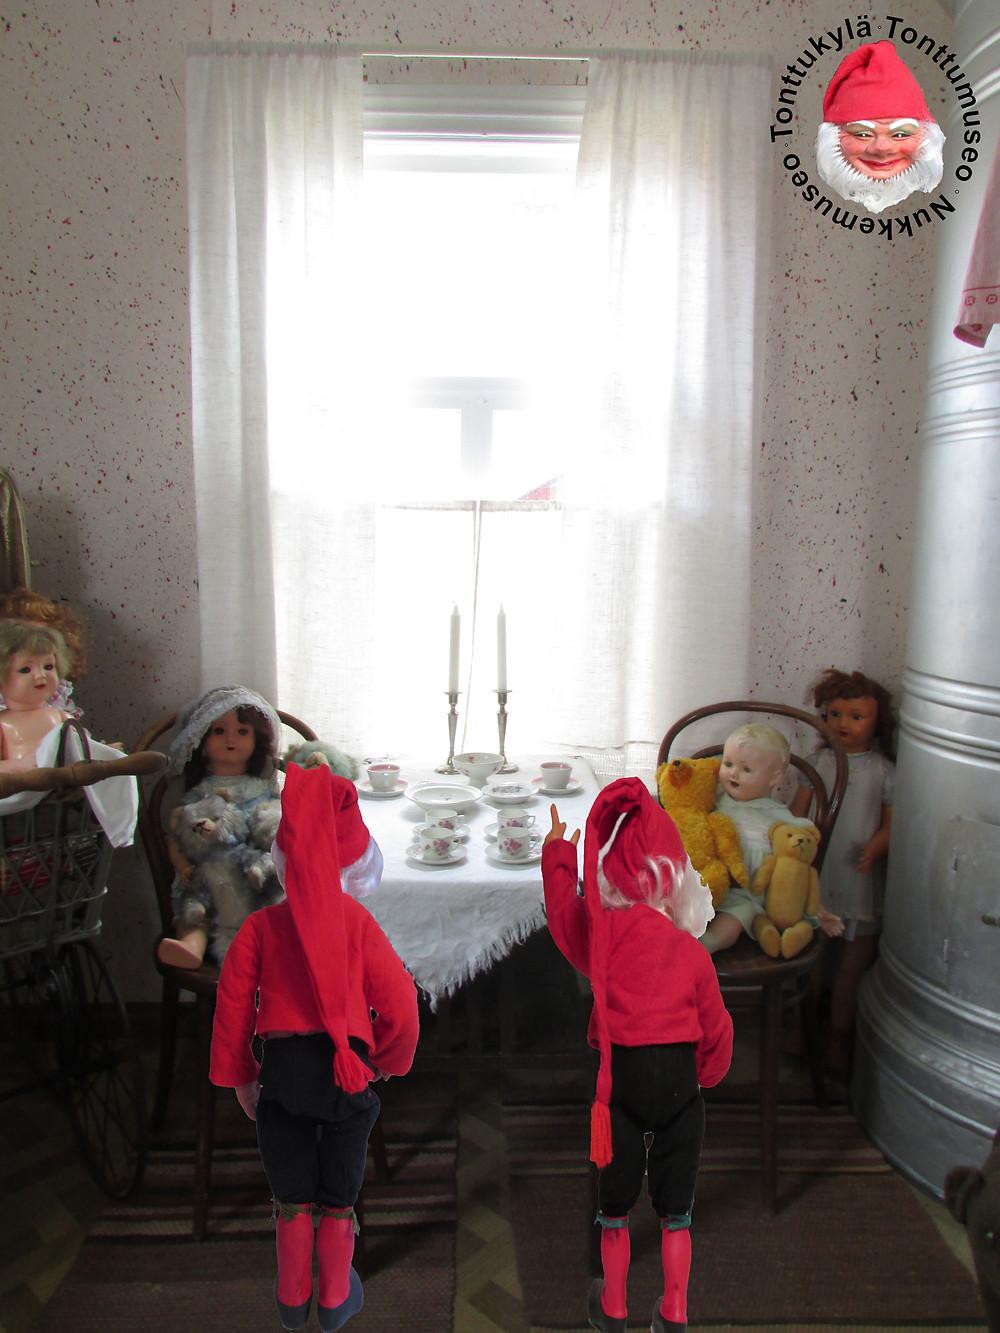 Pönttöuuni, pitsiverhot, vanhat lakanat, pikkutupa, roiskemaalatut seinät, Wieniläistuolit, vanha lastenvaunu, räsymatot